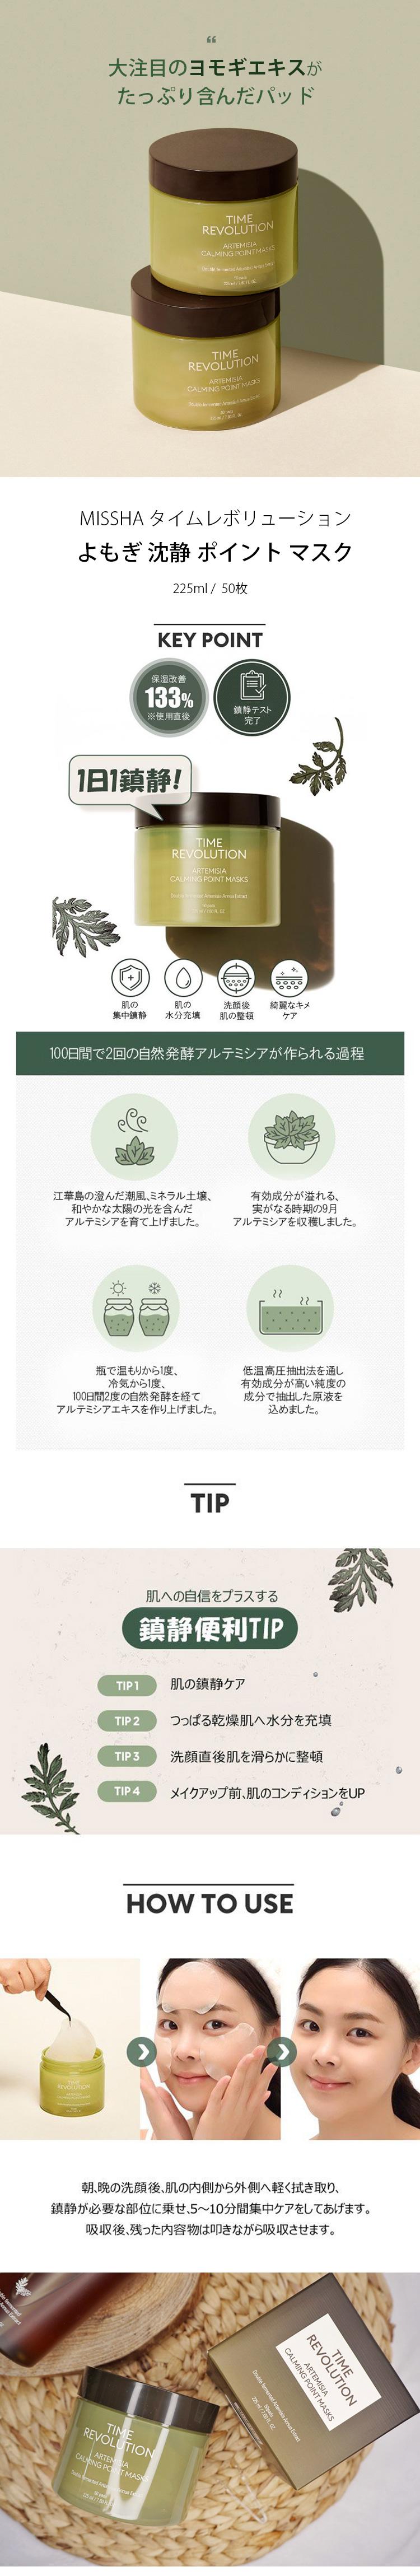 [MISSHA]ミシャ タイム レボリューション よもぎ 沈静 ポイント マスク 225ml/50枚